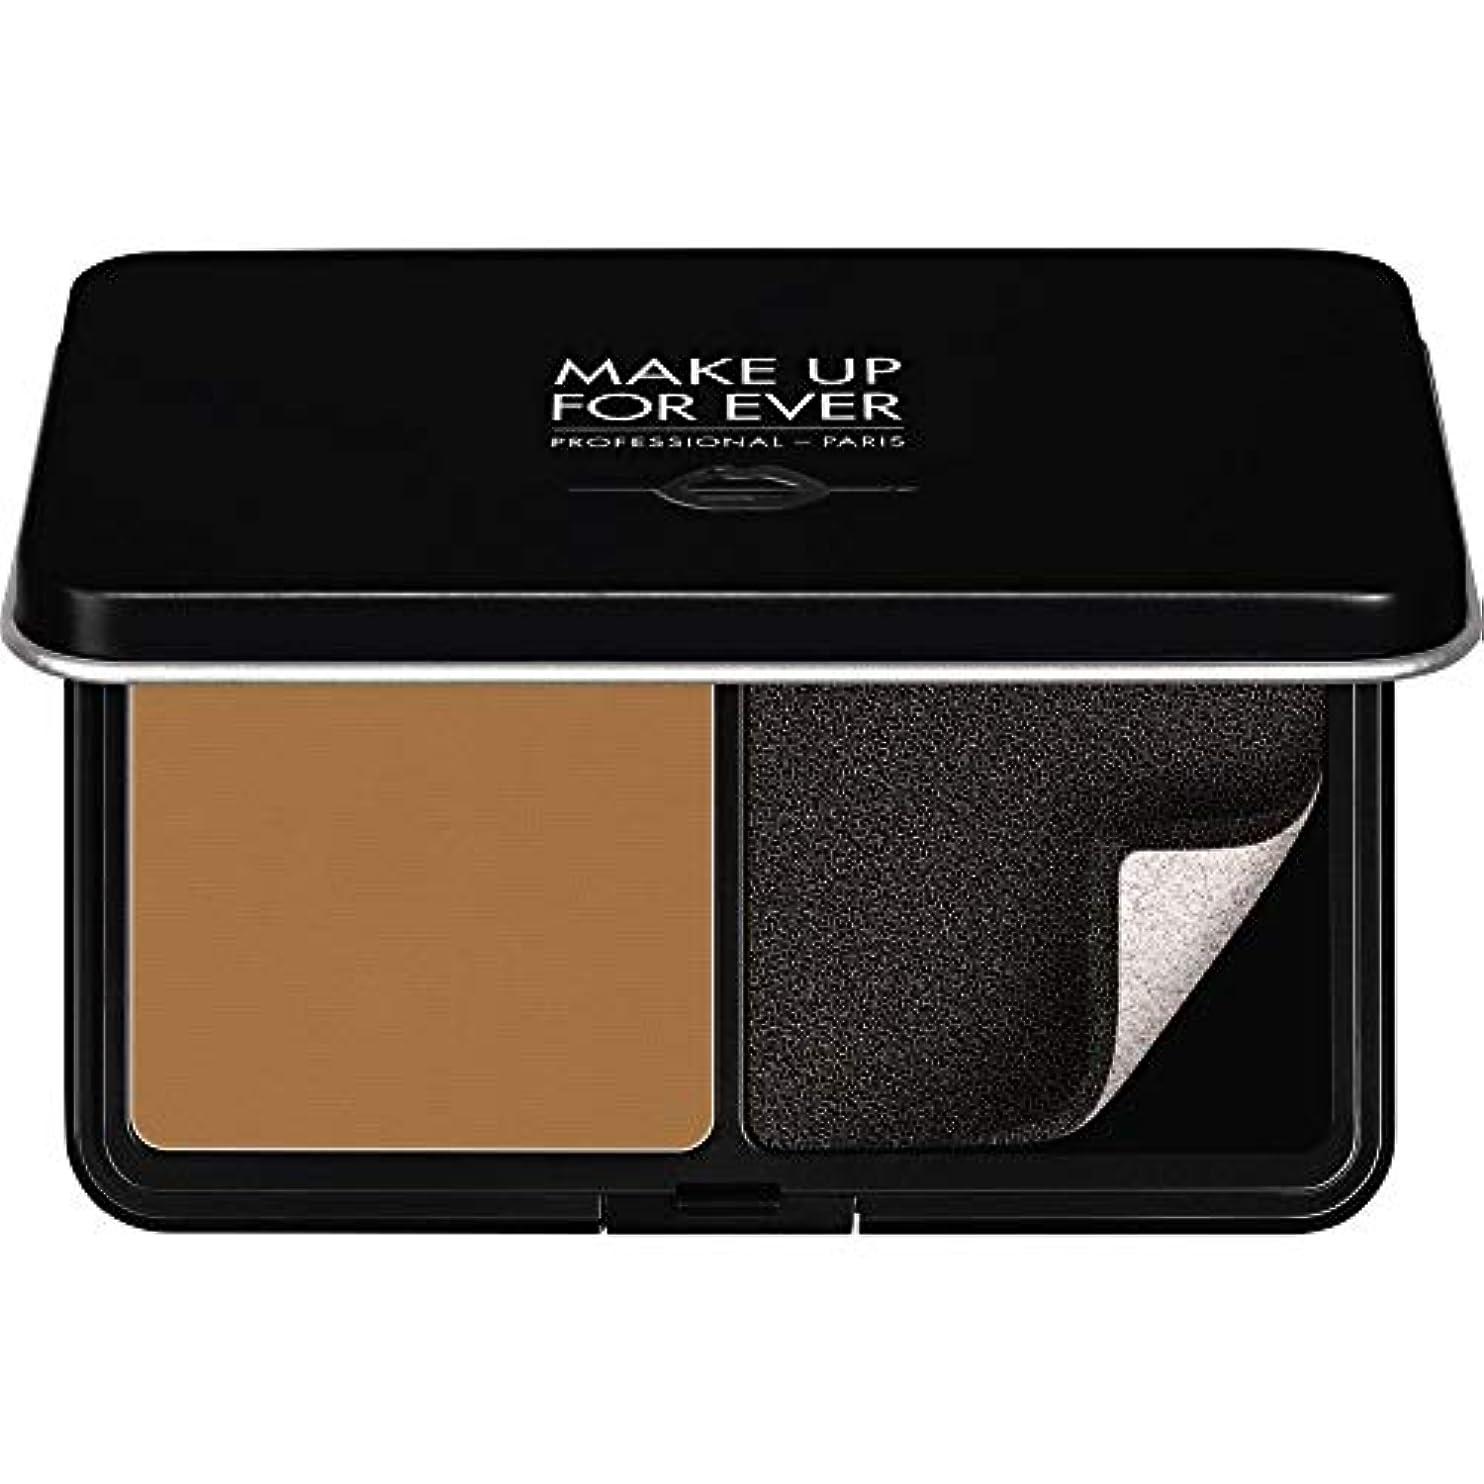 ジャンピングジャック国ボリューム[MAKE UP FOR EVER] パウダーファンデーション11GののY505をぼかし、これまでマットベルベットの肌を補う - コニャック - MAKE UP FOR EVER Matte Velvet Skin Blurring Powder Foundation 11g Y505 - Cognac [並行輸入品]